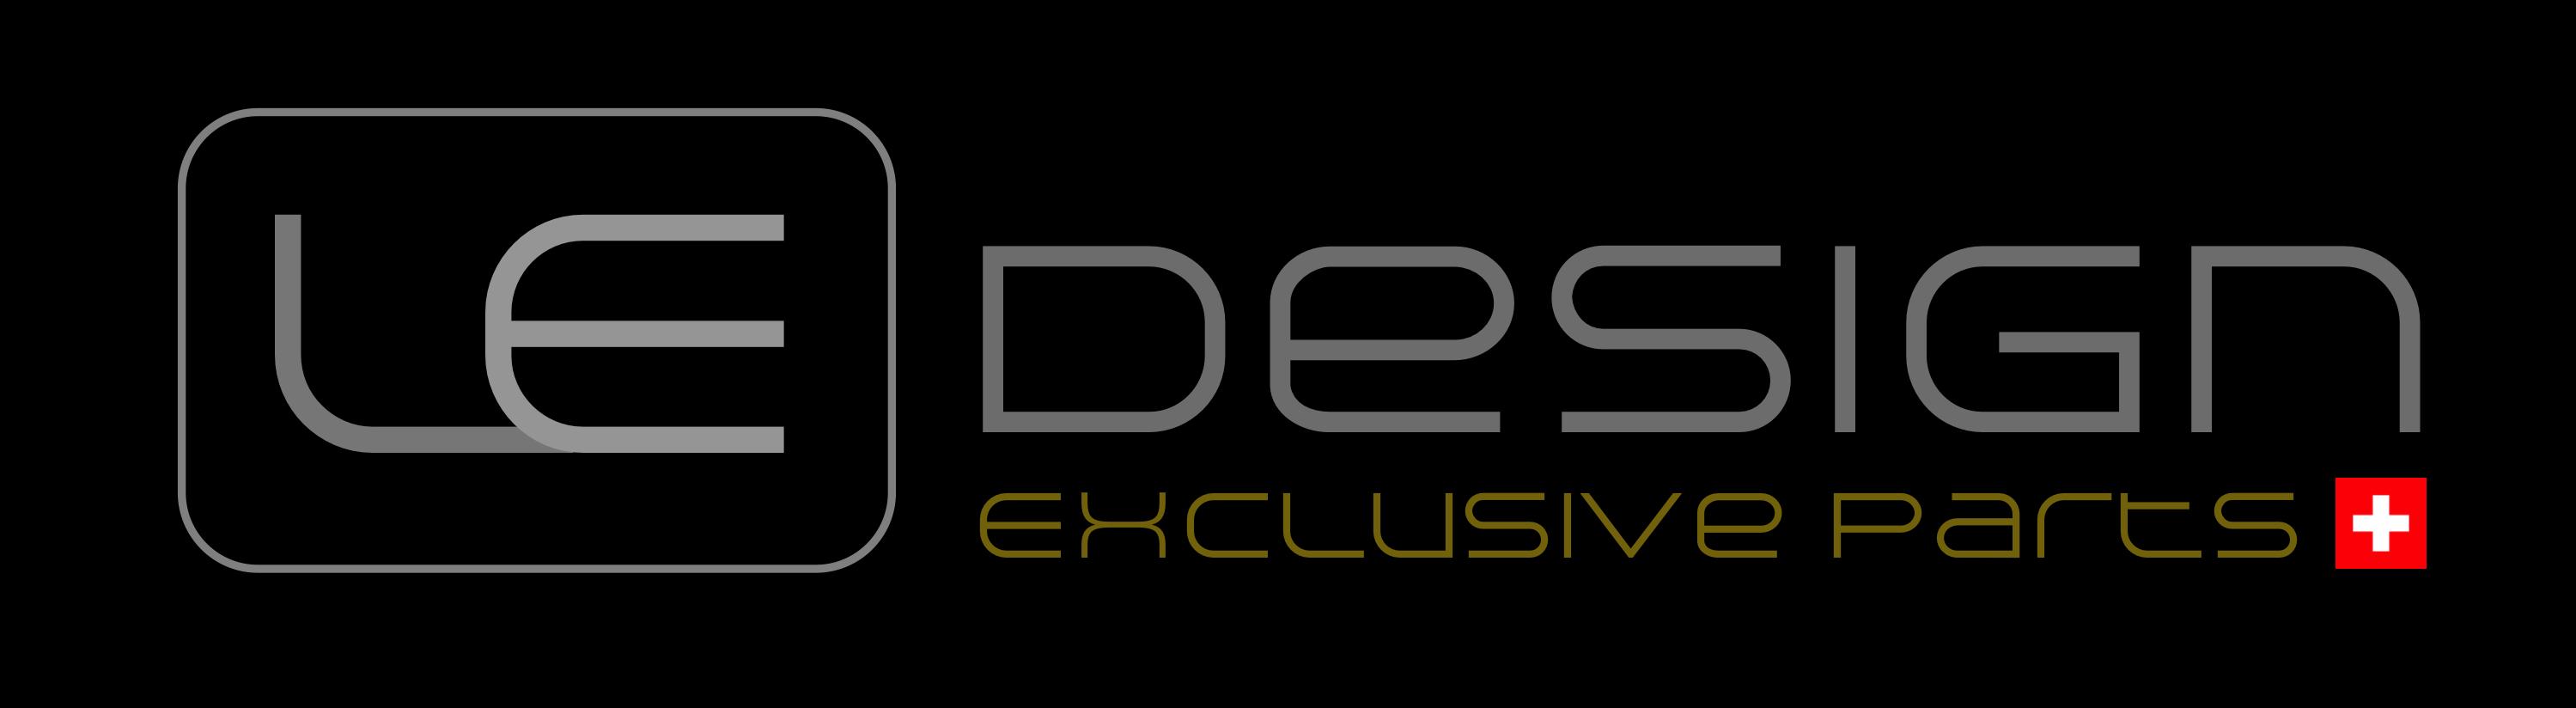 L.E.Design